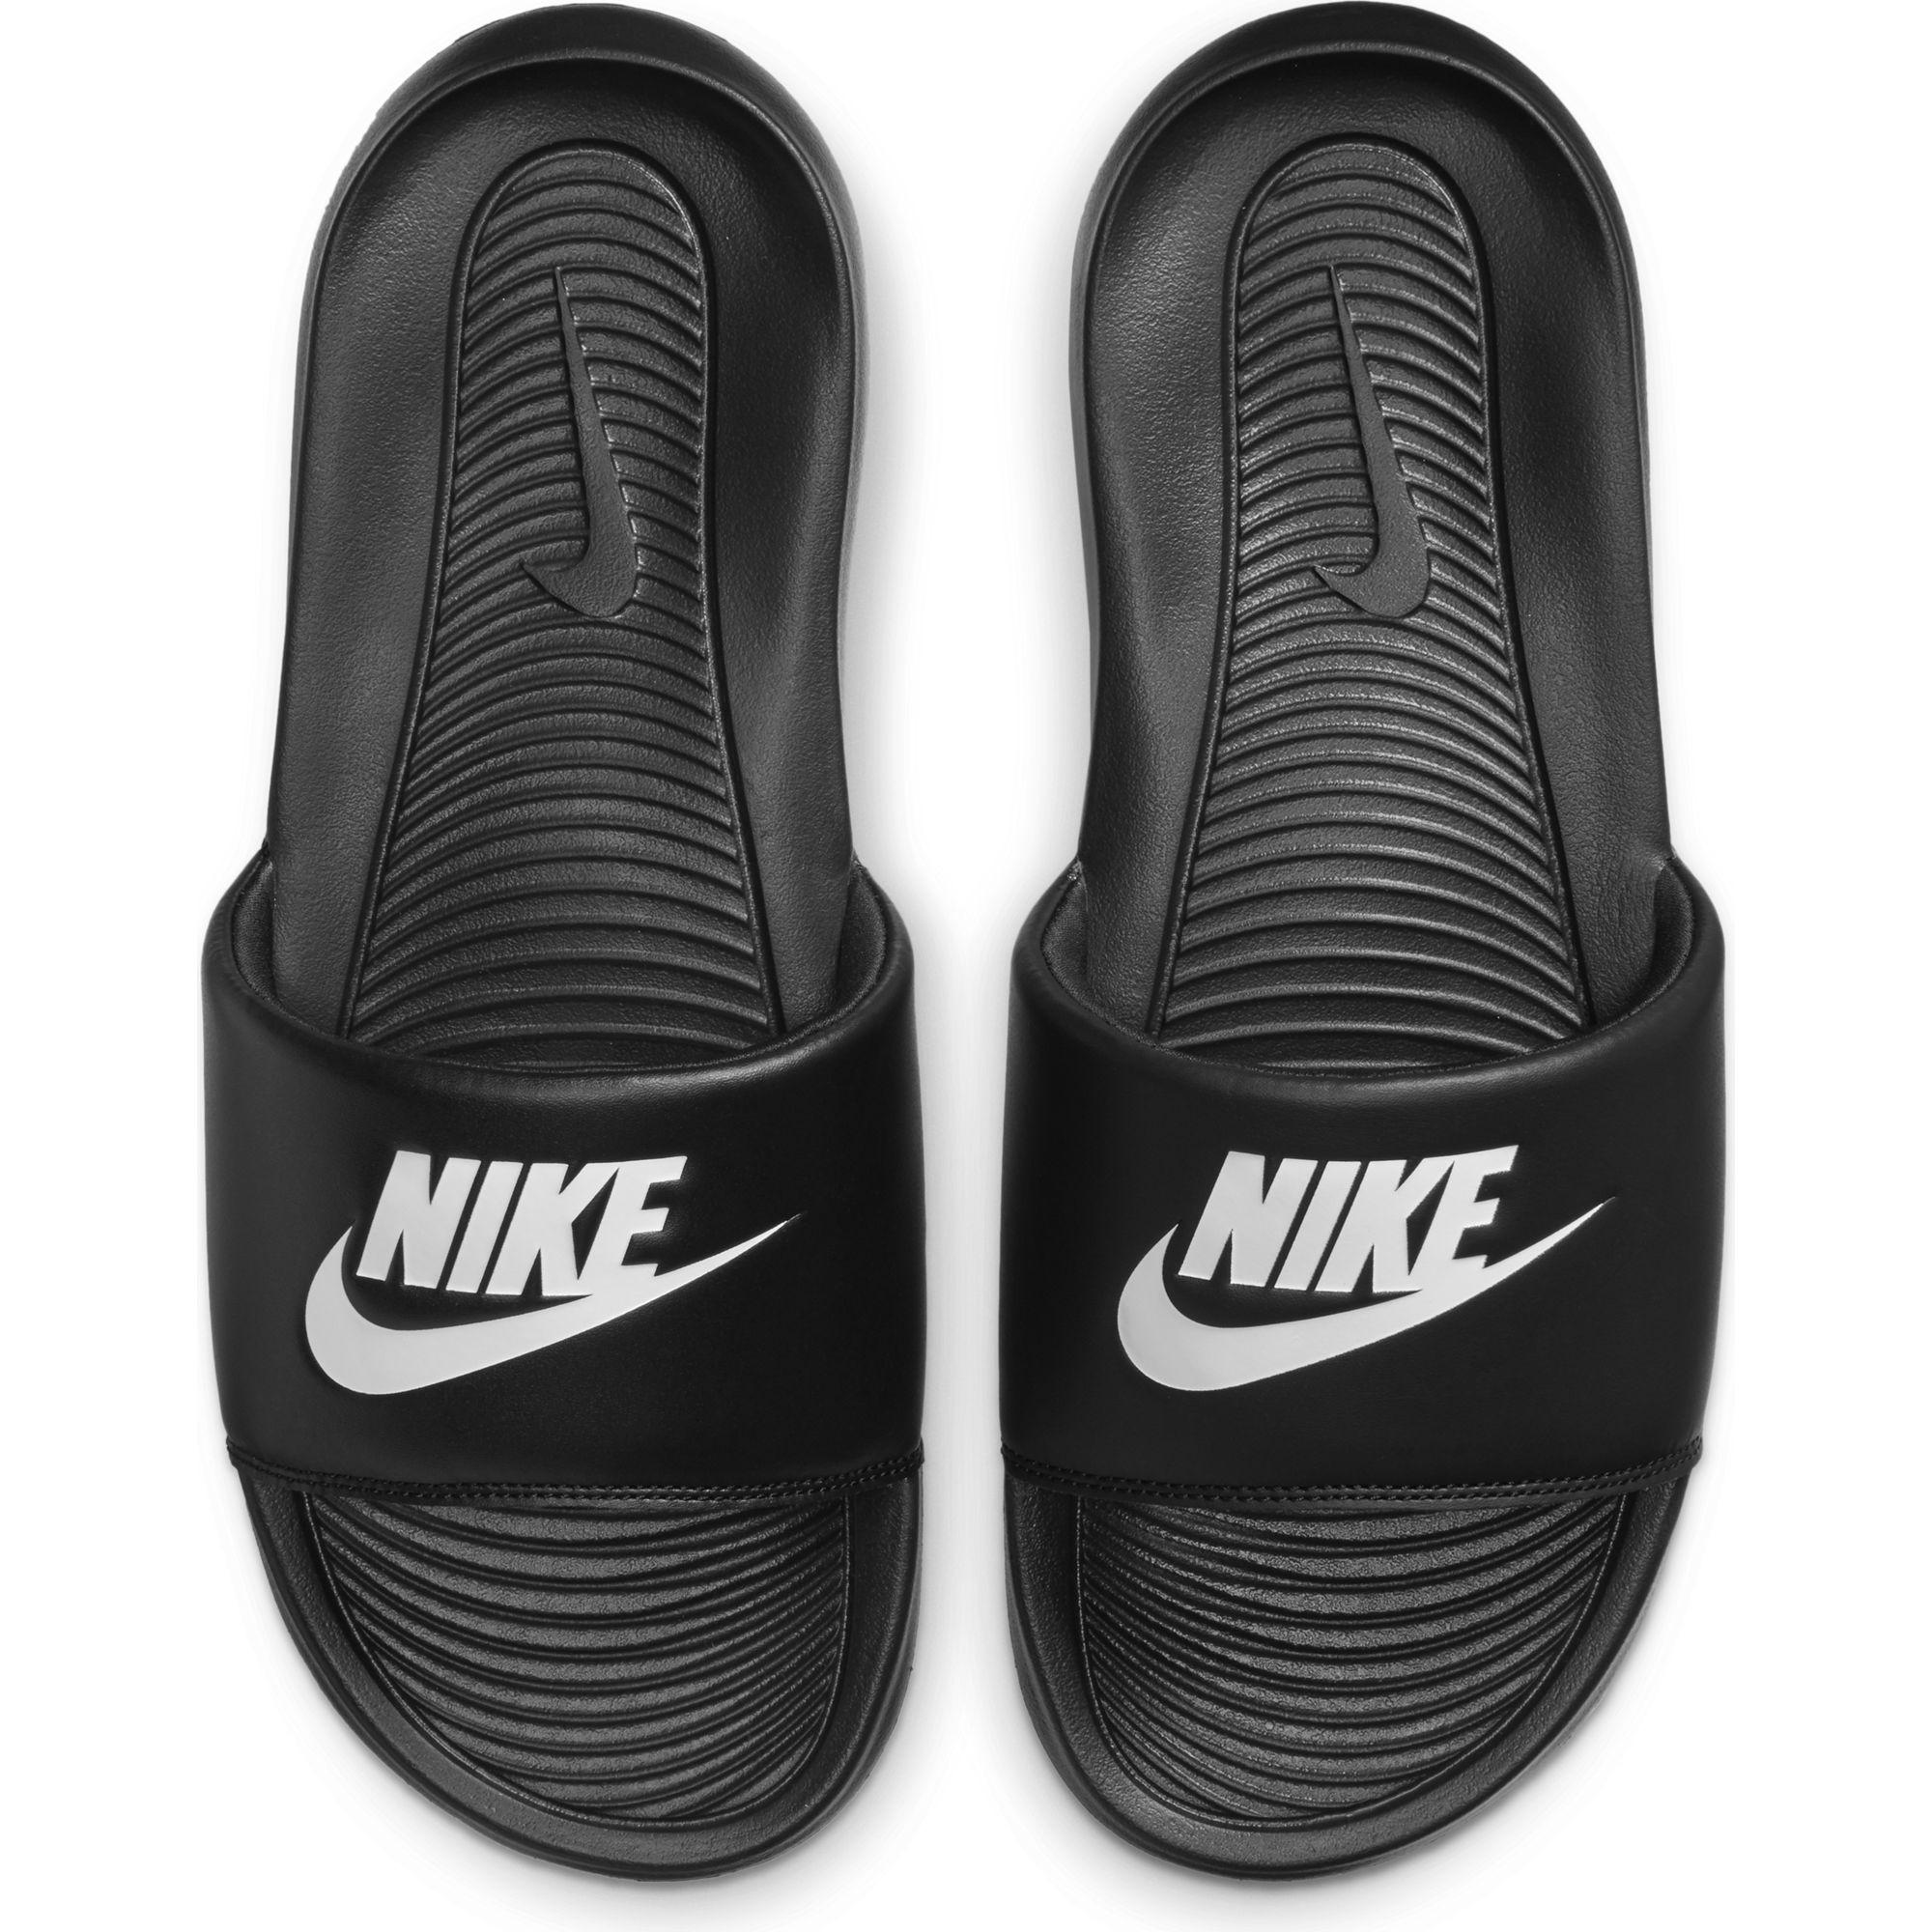 Nike Badeschuhe Victori One, schwarz, 45, Herren Herren CN9675-002